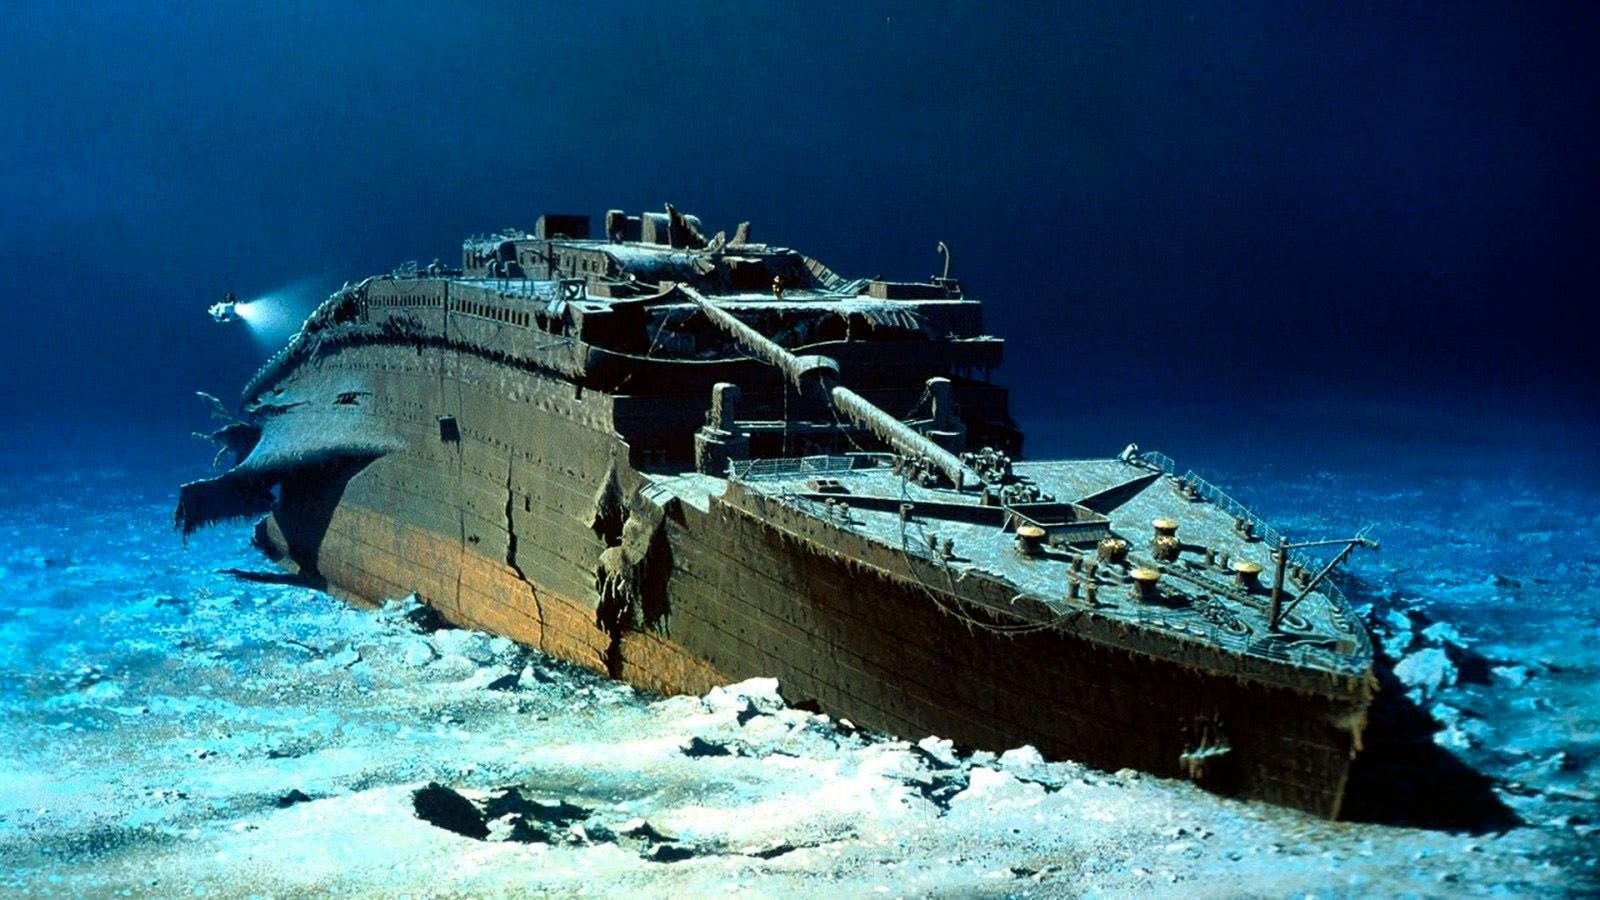 Enviarán misión de expertos a los restos del Titanic